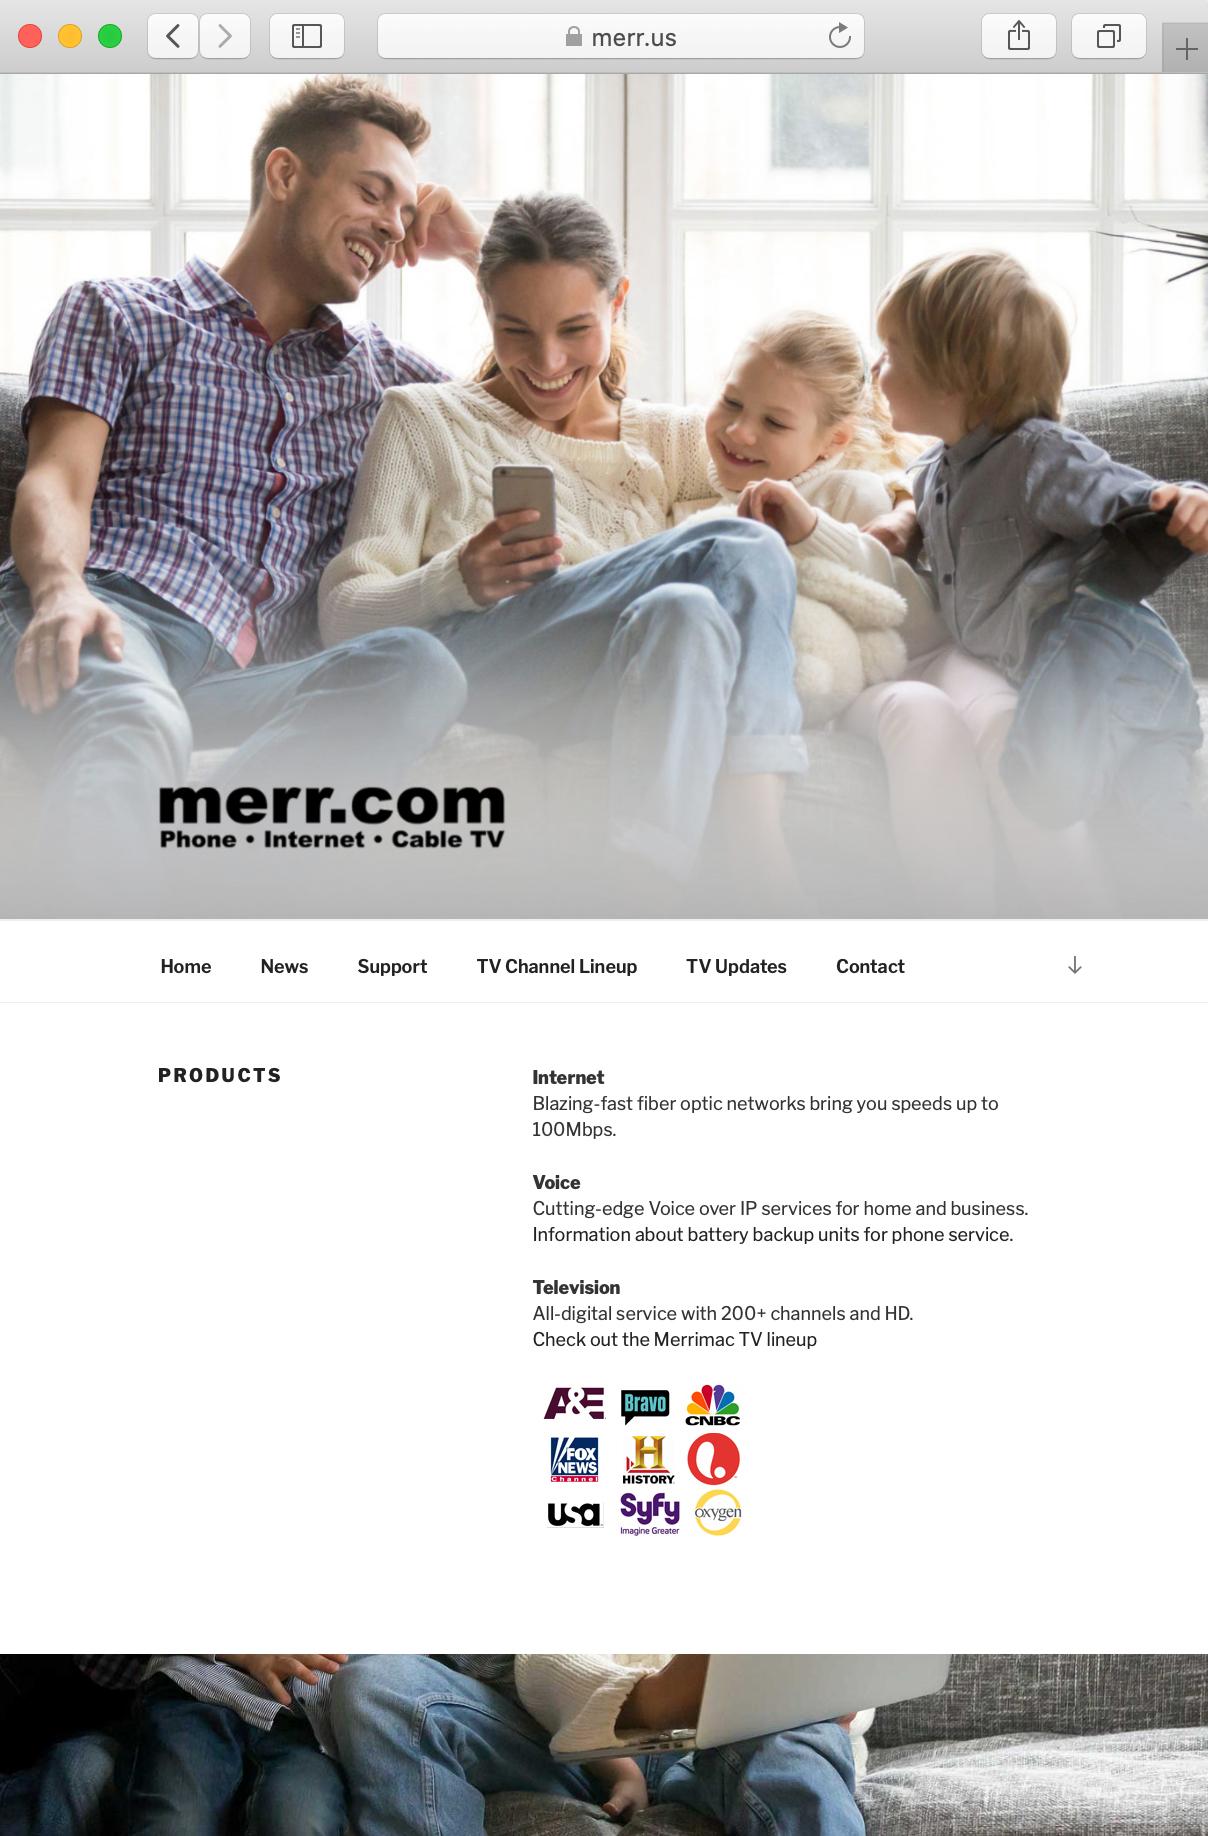 New Site for Merr